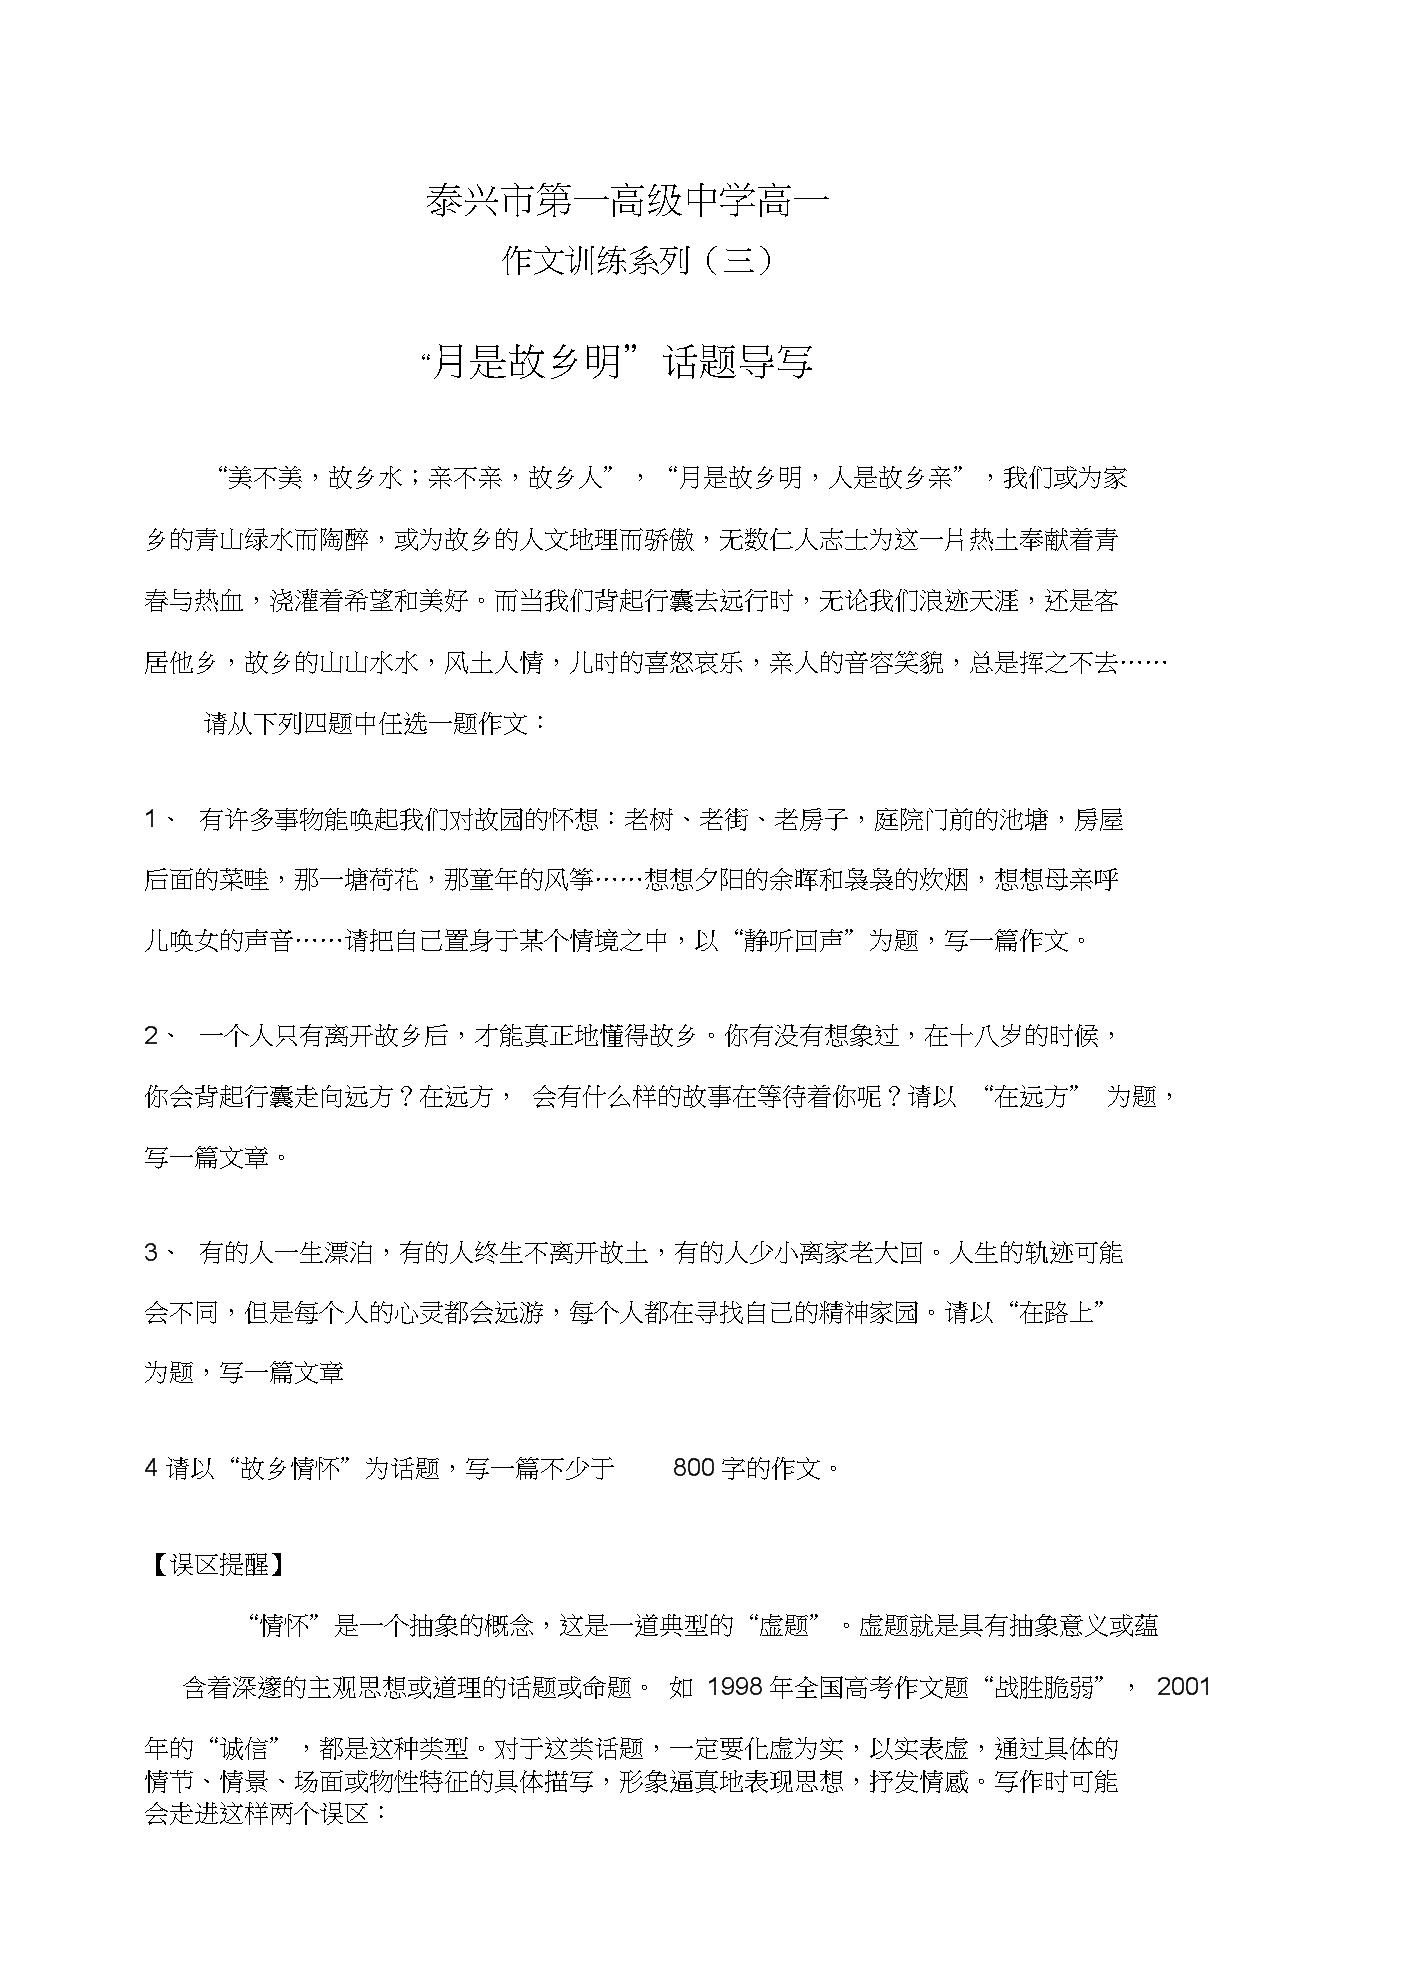 江苏灌云高级中学高一作文训练系列.docx